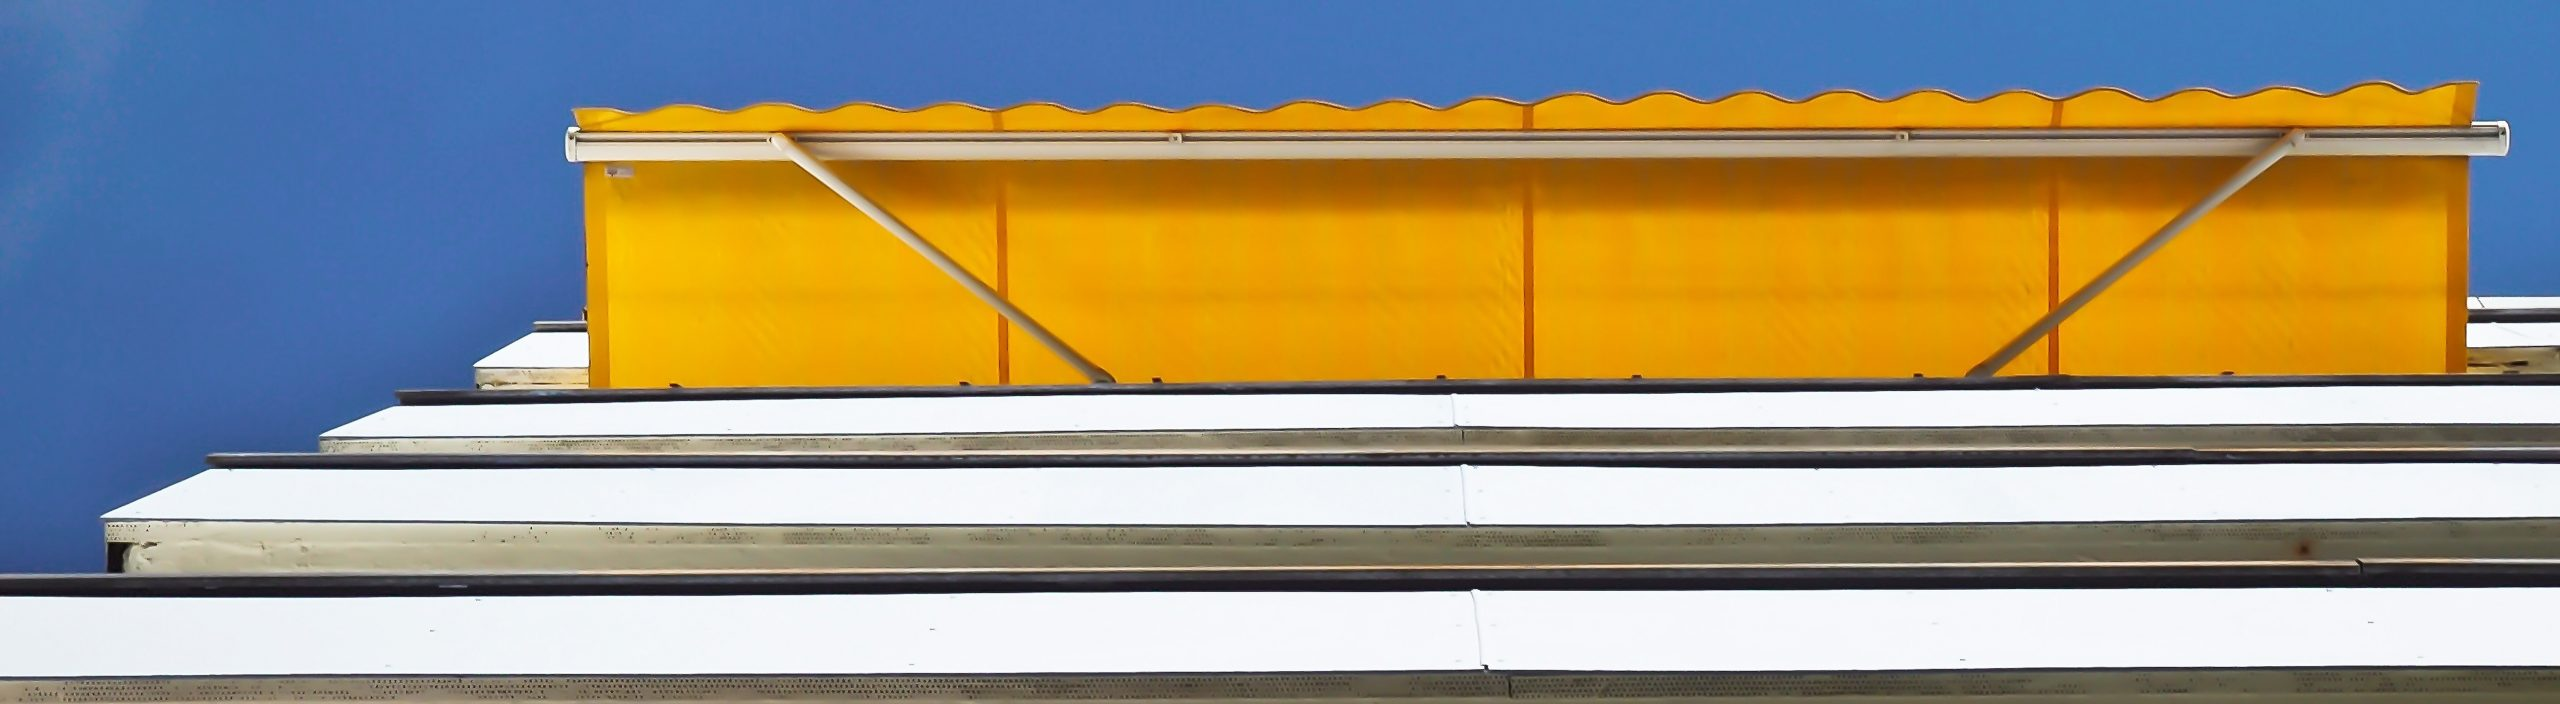 Full Size of Fenster Sonnenschutz Sicht Und Paus Hambloch Gmbh Co Kg Einbruchschutz Konfigurieren Einbruchsicherung Trier Mit Integriertem Rollladen 3 Fach Verglasung Fenster Fenster Sonnenschutz